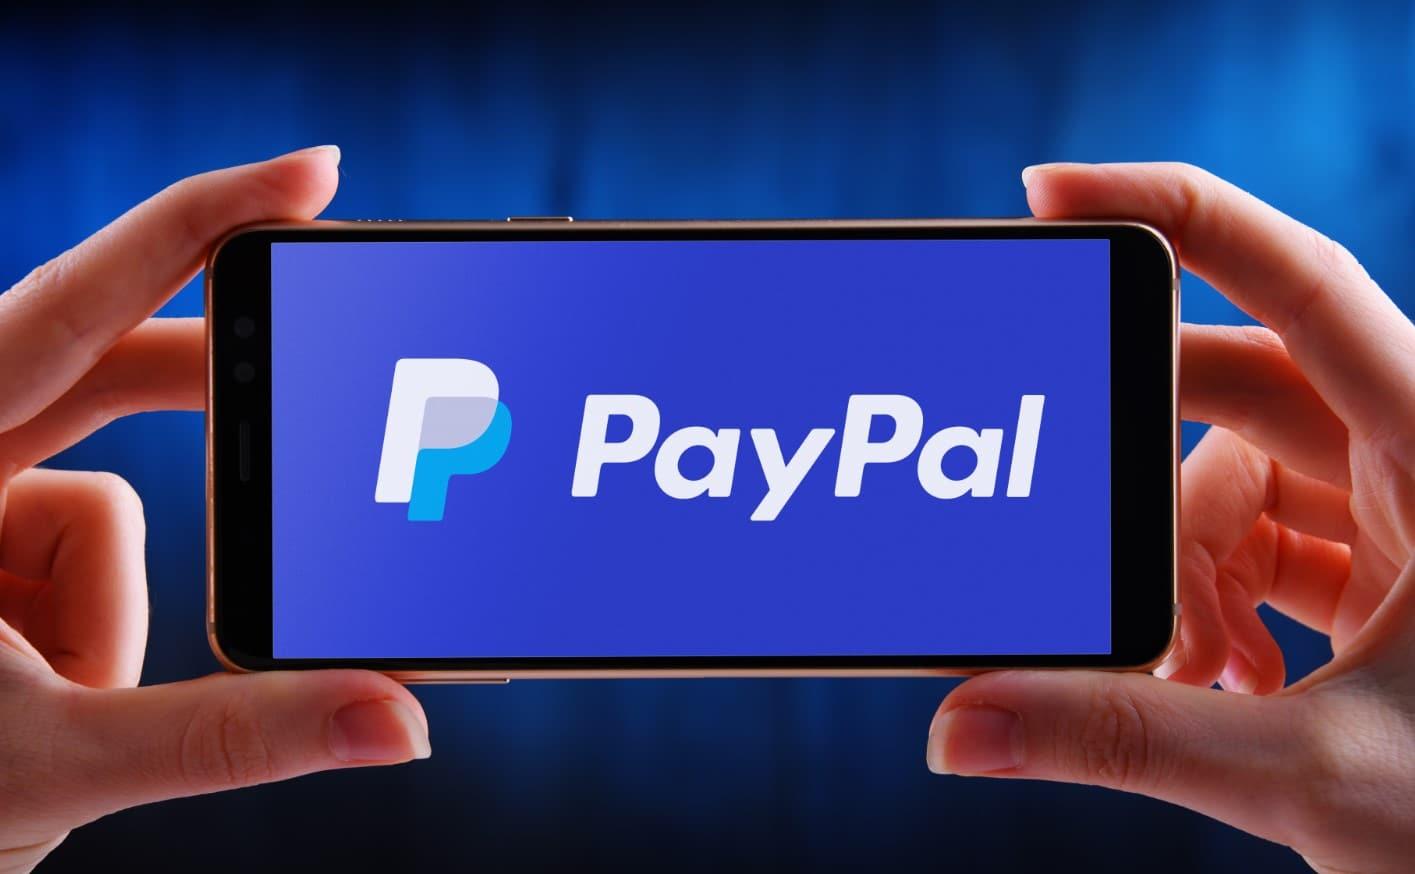 Découvrez dans ce guide comment acheter de l'Ethereum avec PayPal